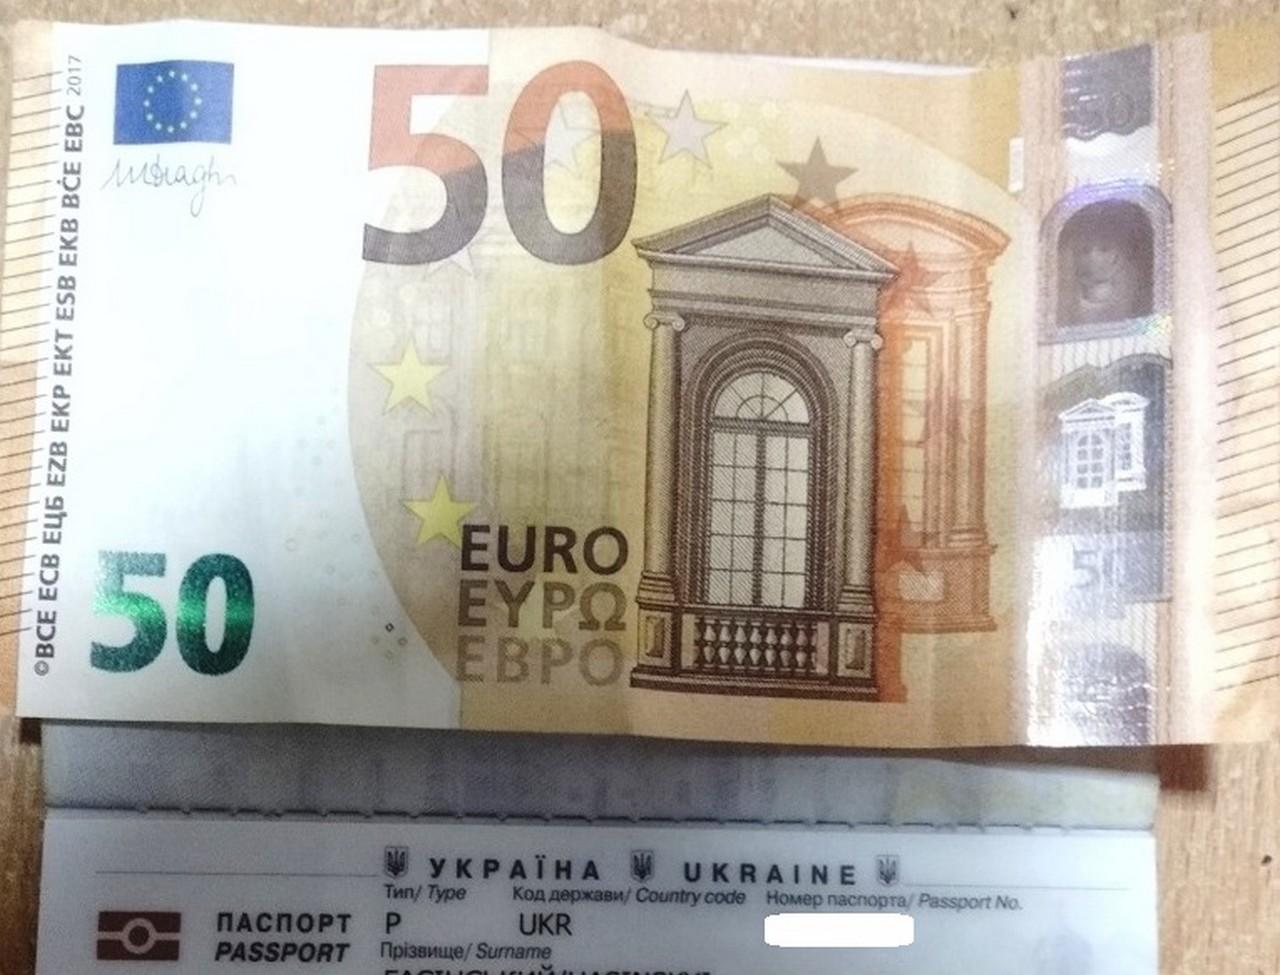 Водій туристичного автобуса, який віз до Італії групу дітей, пропонував прикордонникам 50 євро хабара